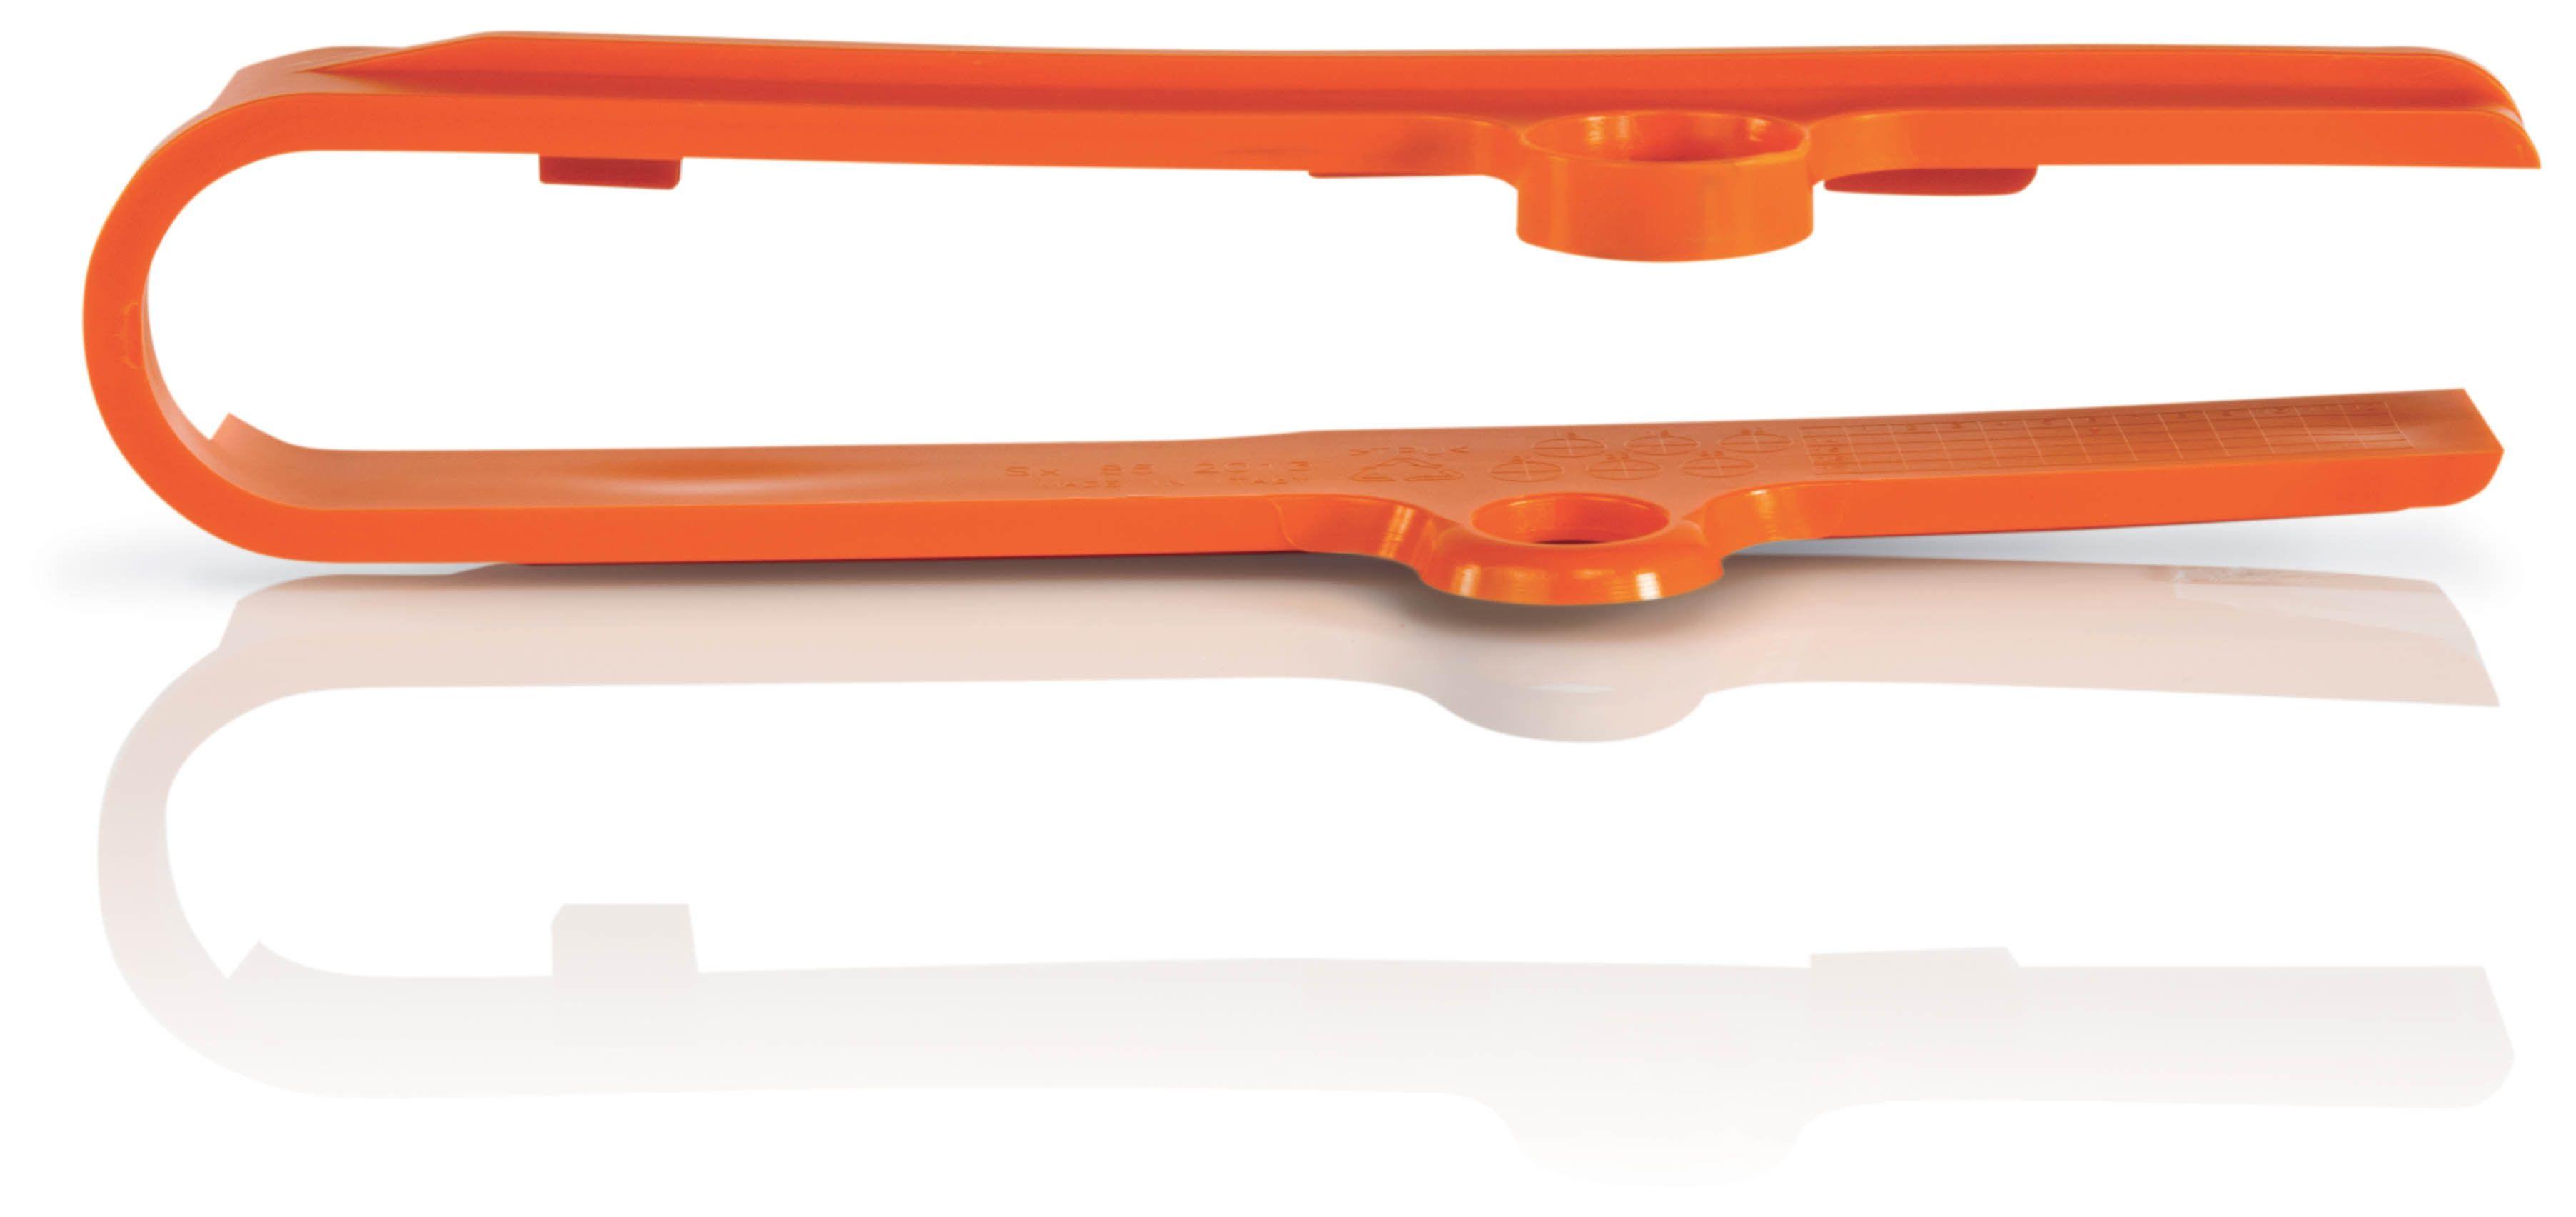 Fits Acerbis Chain Slider Orange KTM 85 SX 2015-2018